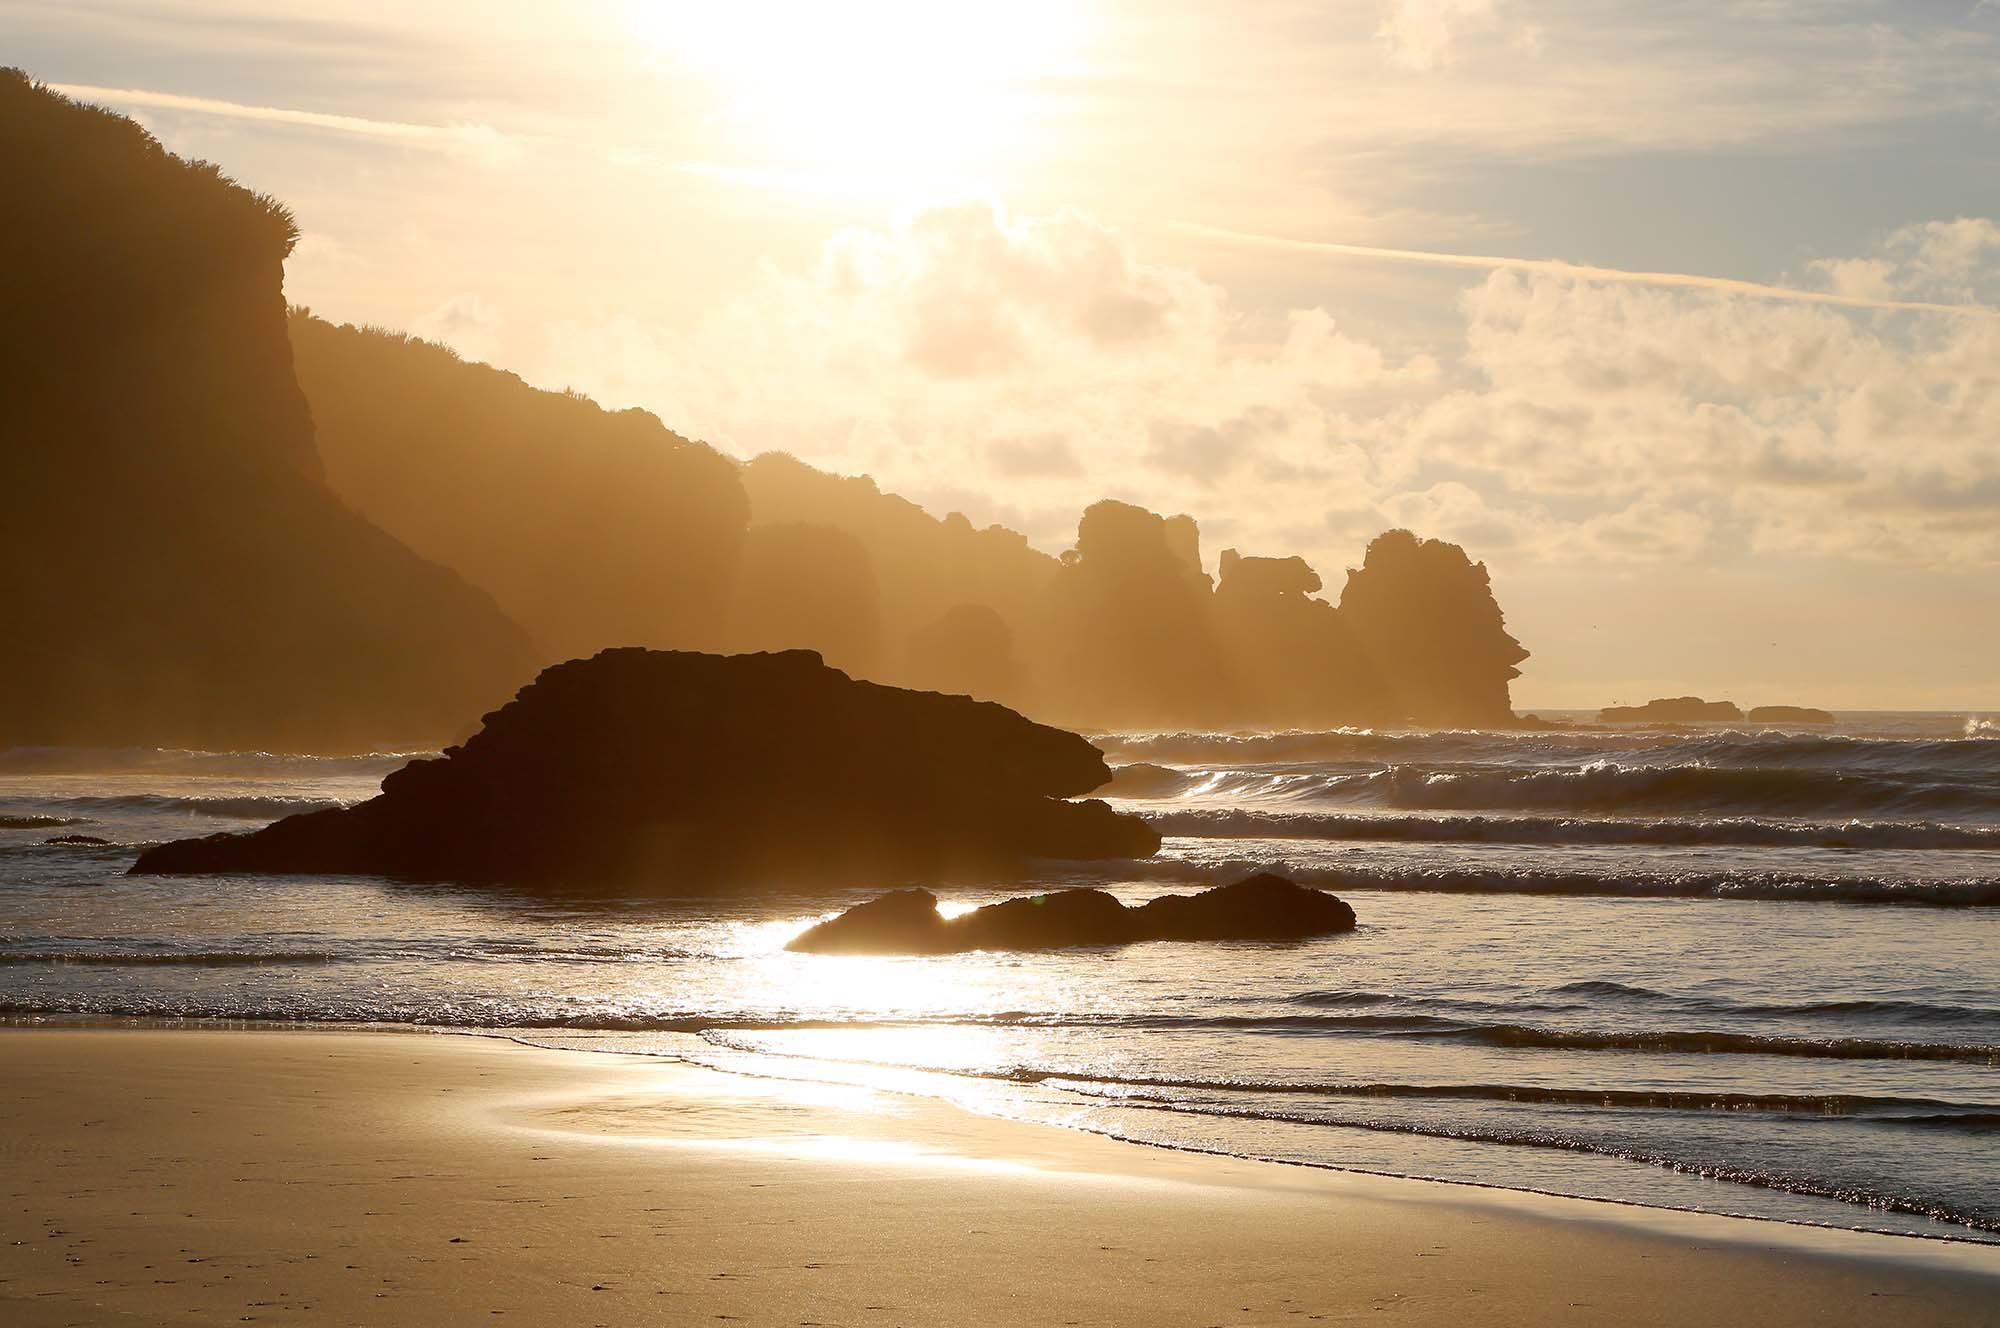 NZ-Matt-West-Port-_0007_3Z6A8985